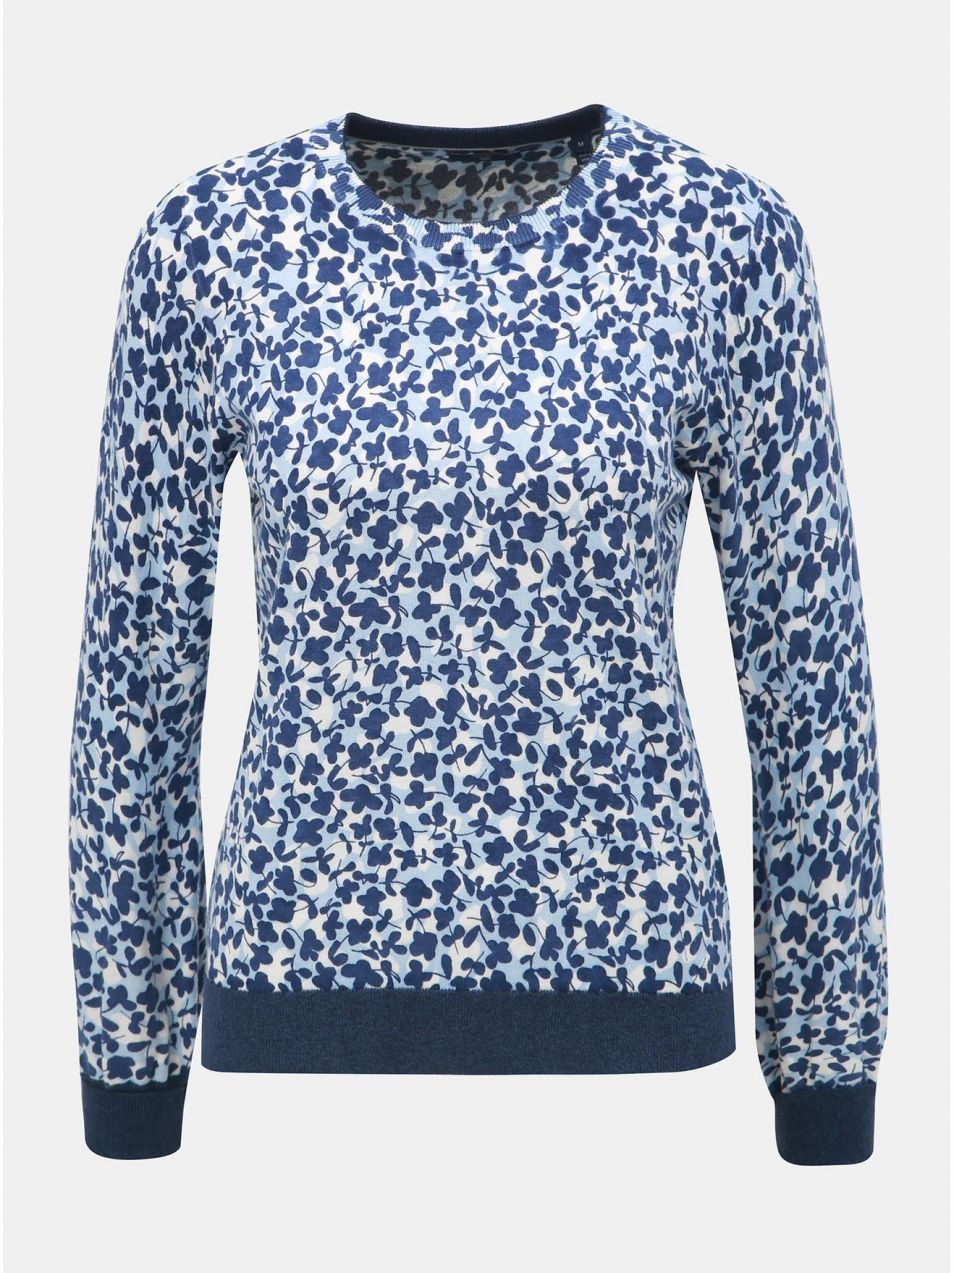 92f2e456e9f1 Bielo–modrý dámsky vzorovaný sveter GANT značky Gant - Lovely.sk